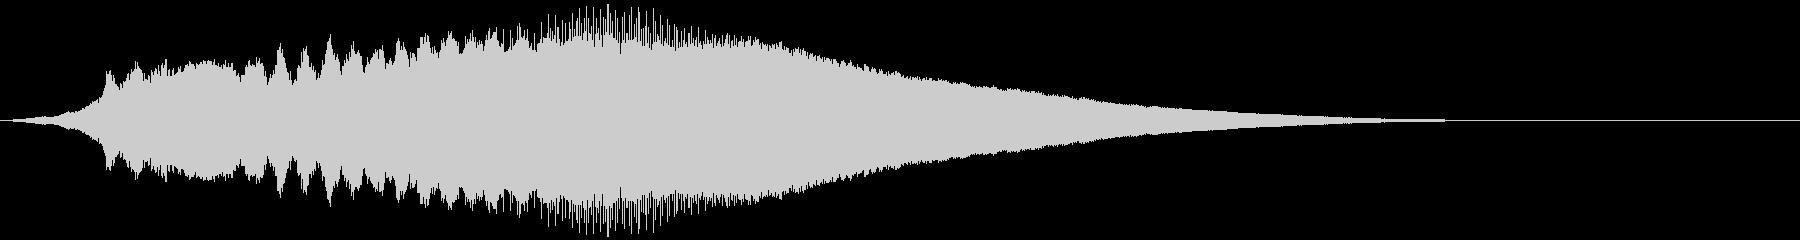 【ホラー】SFX_16 不安がよぎるの未再生の波形